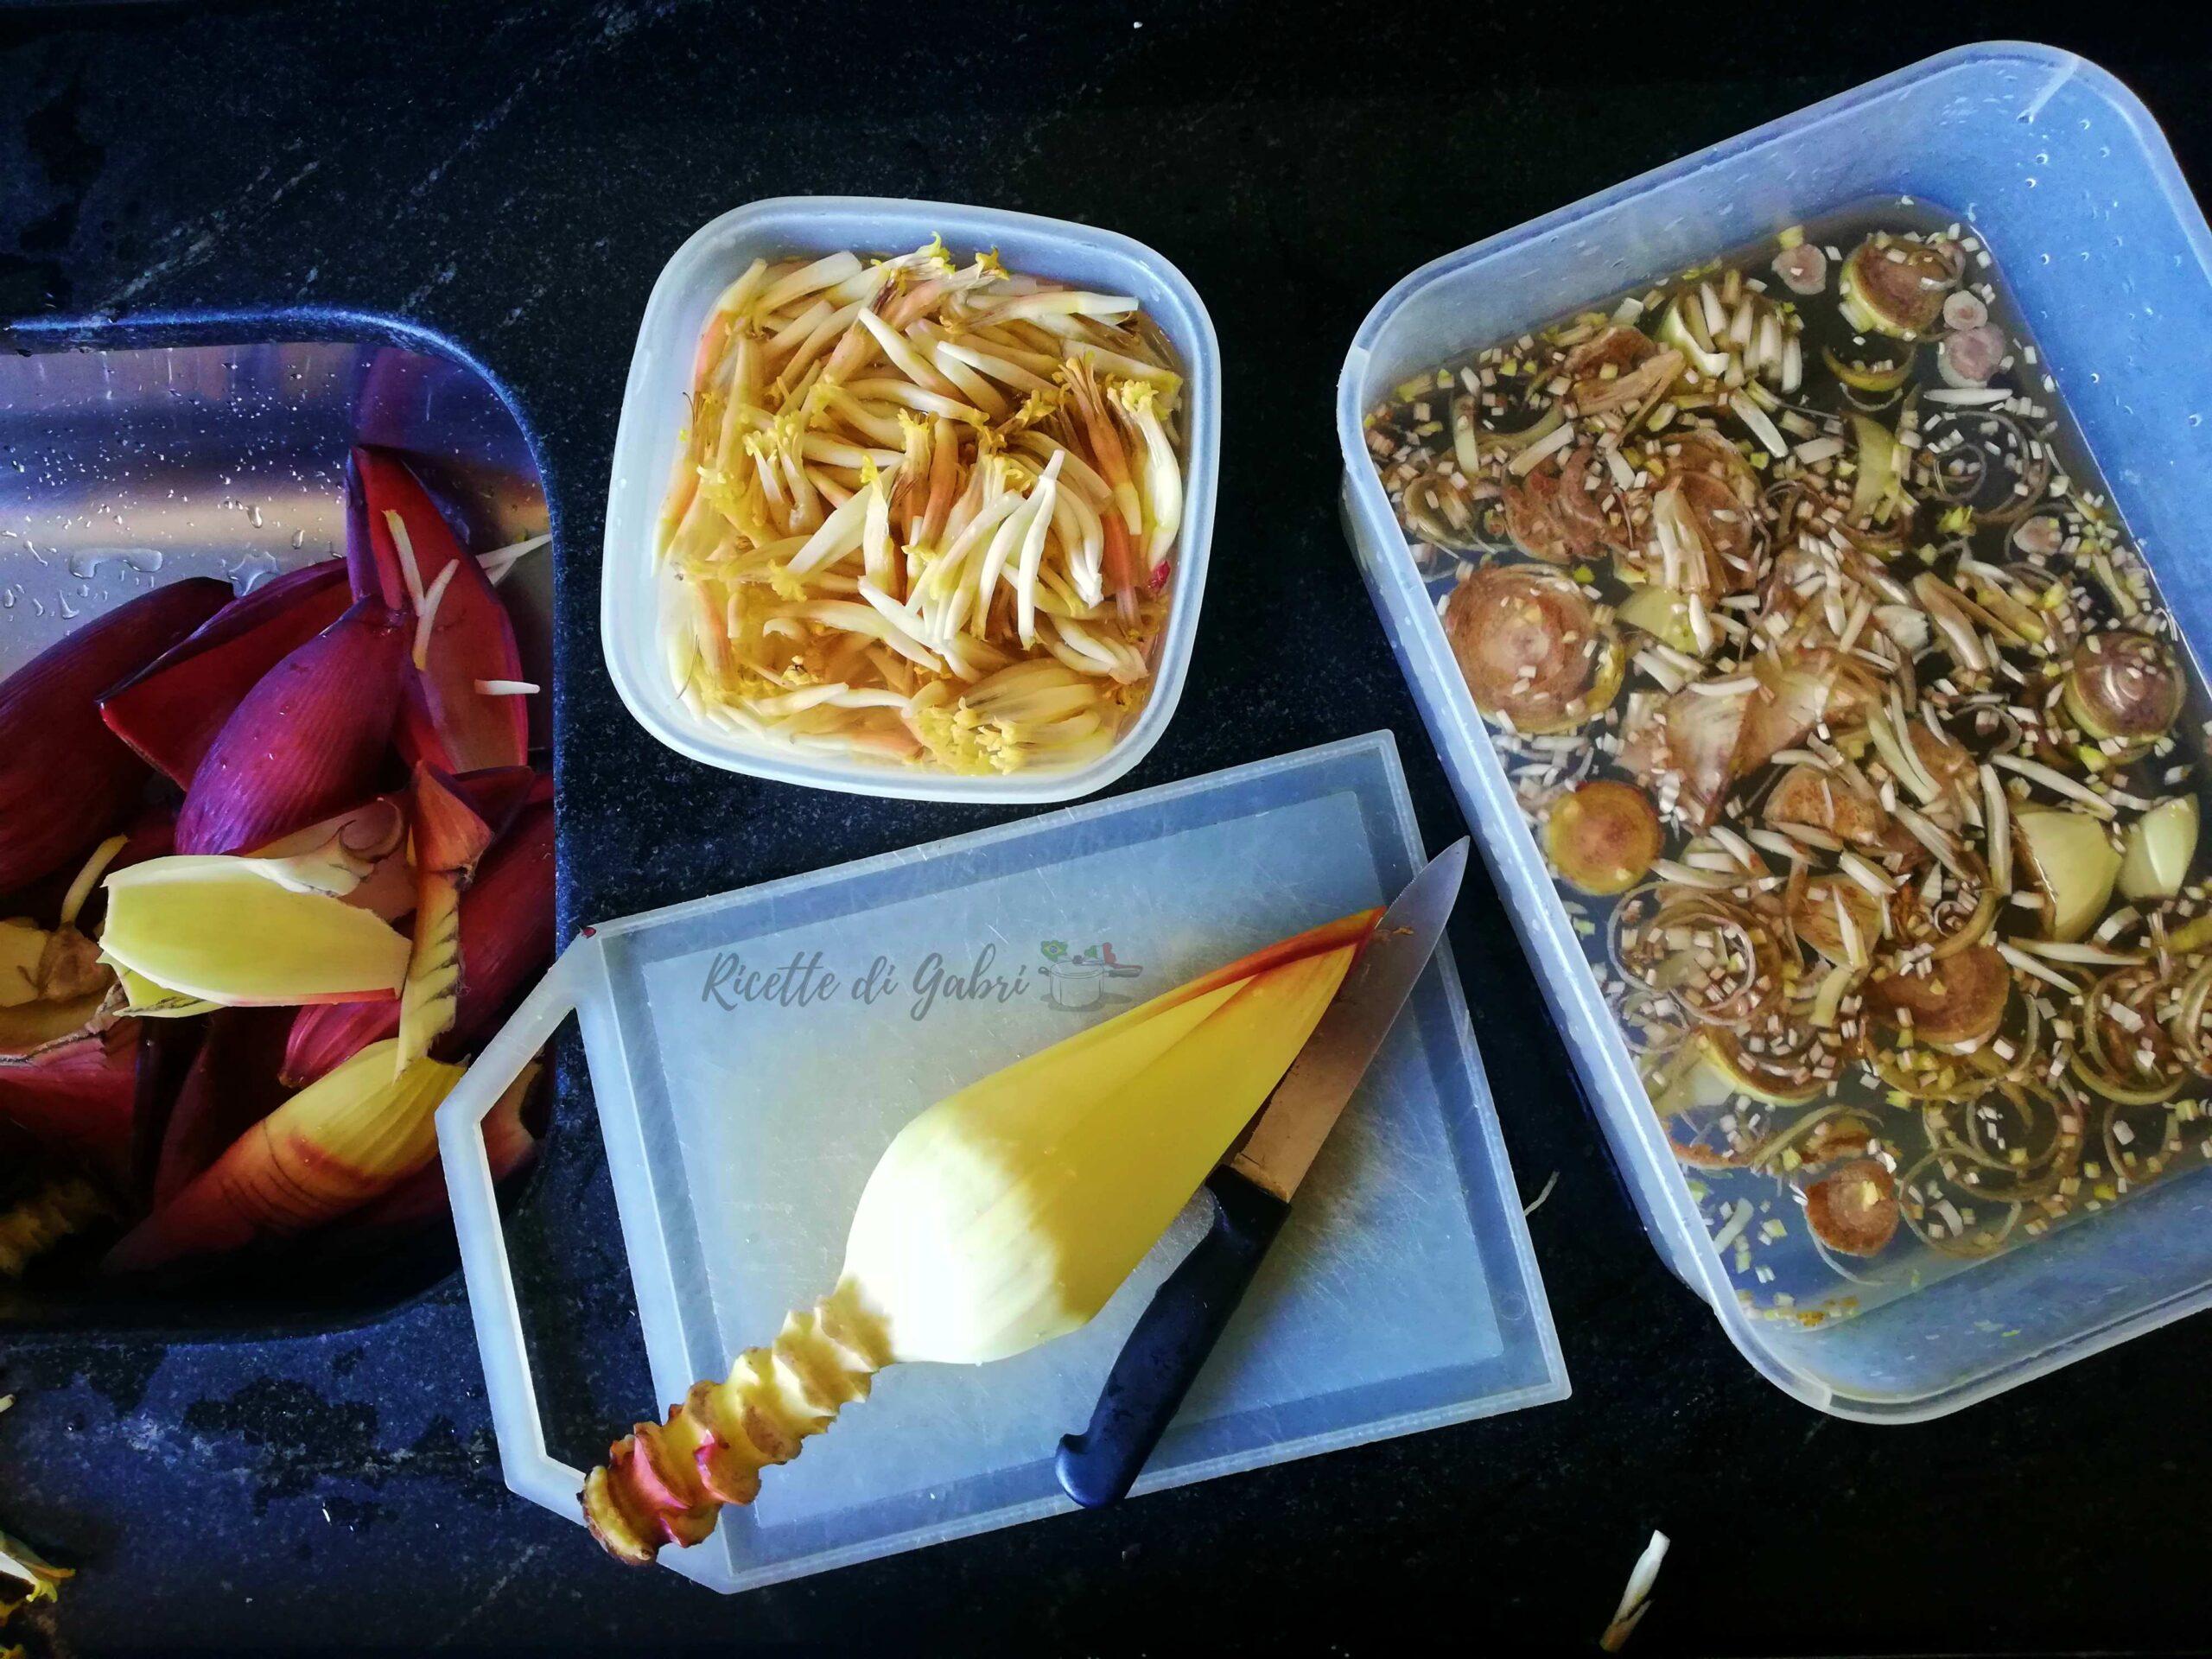 come cucinare cuore di banano ricetta farofa caponata di gabri